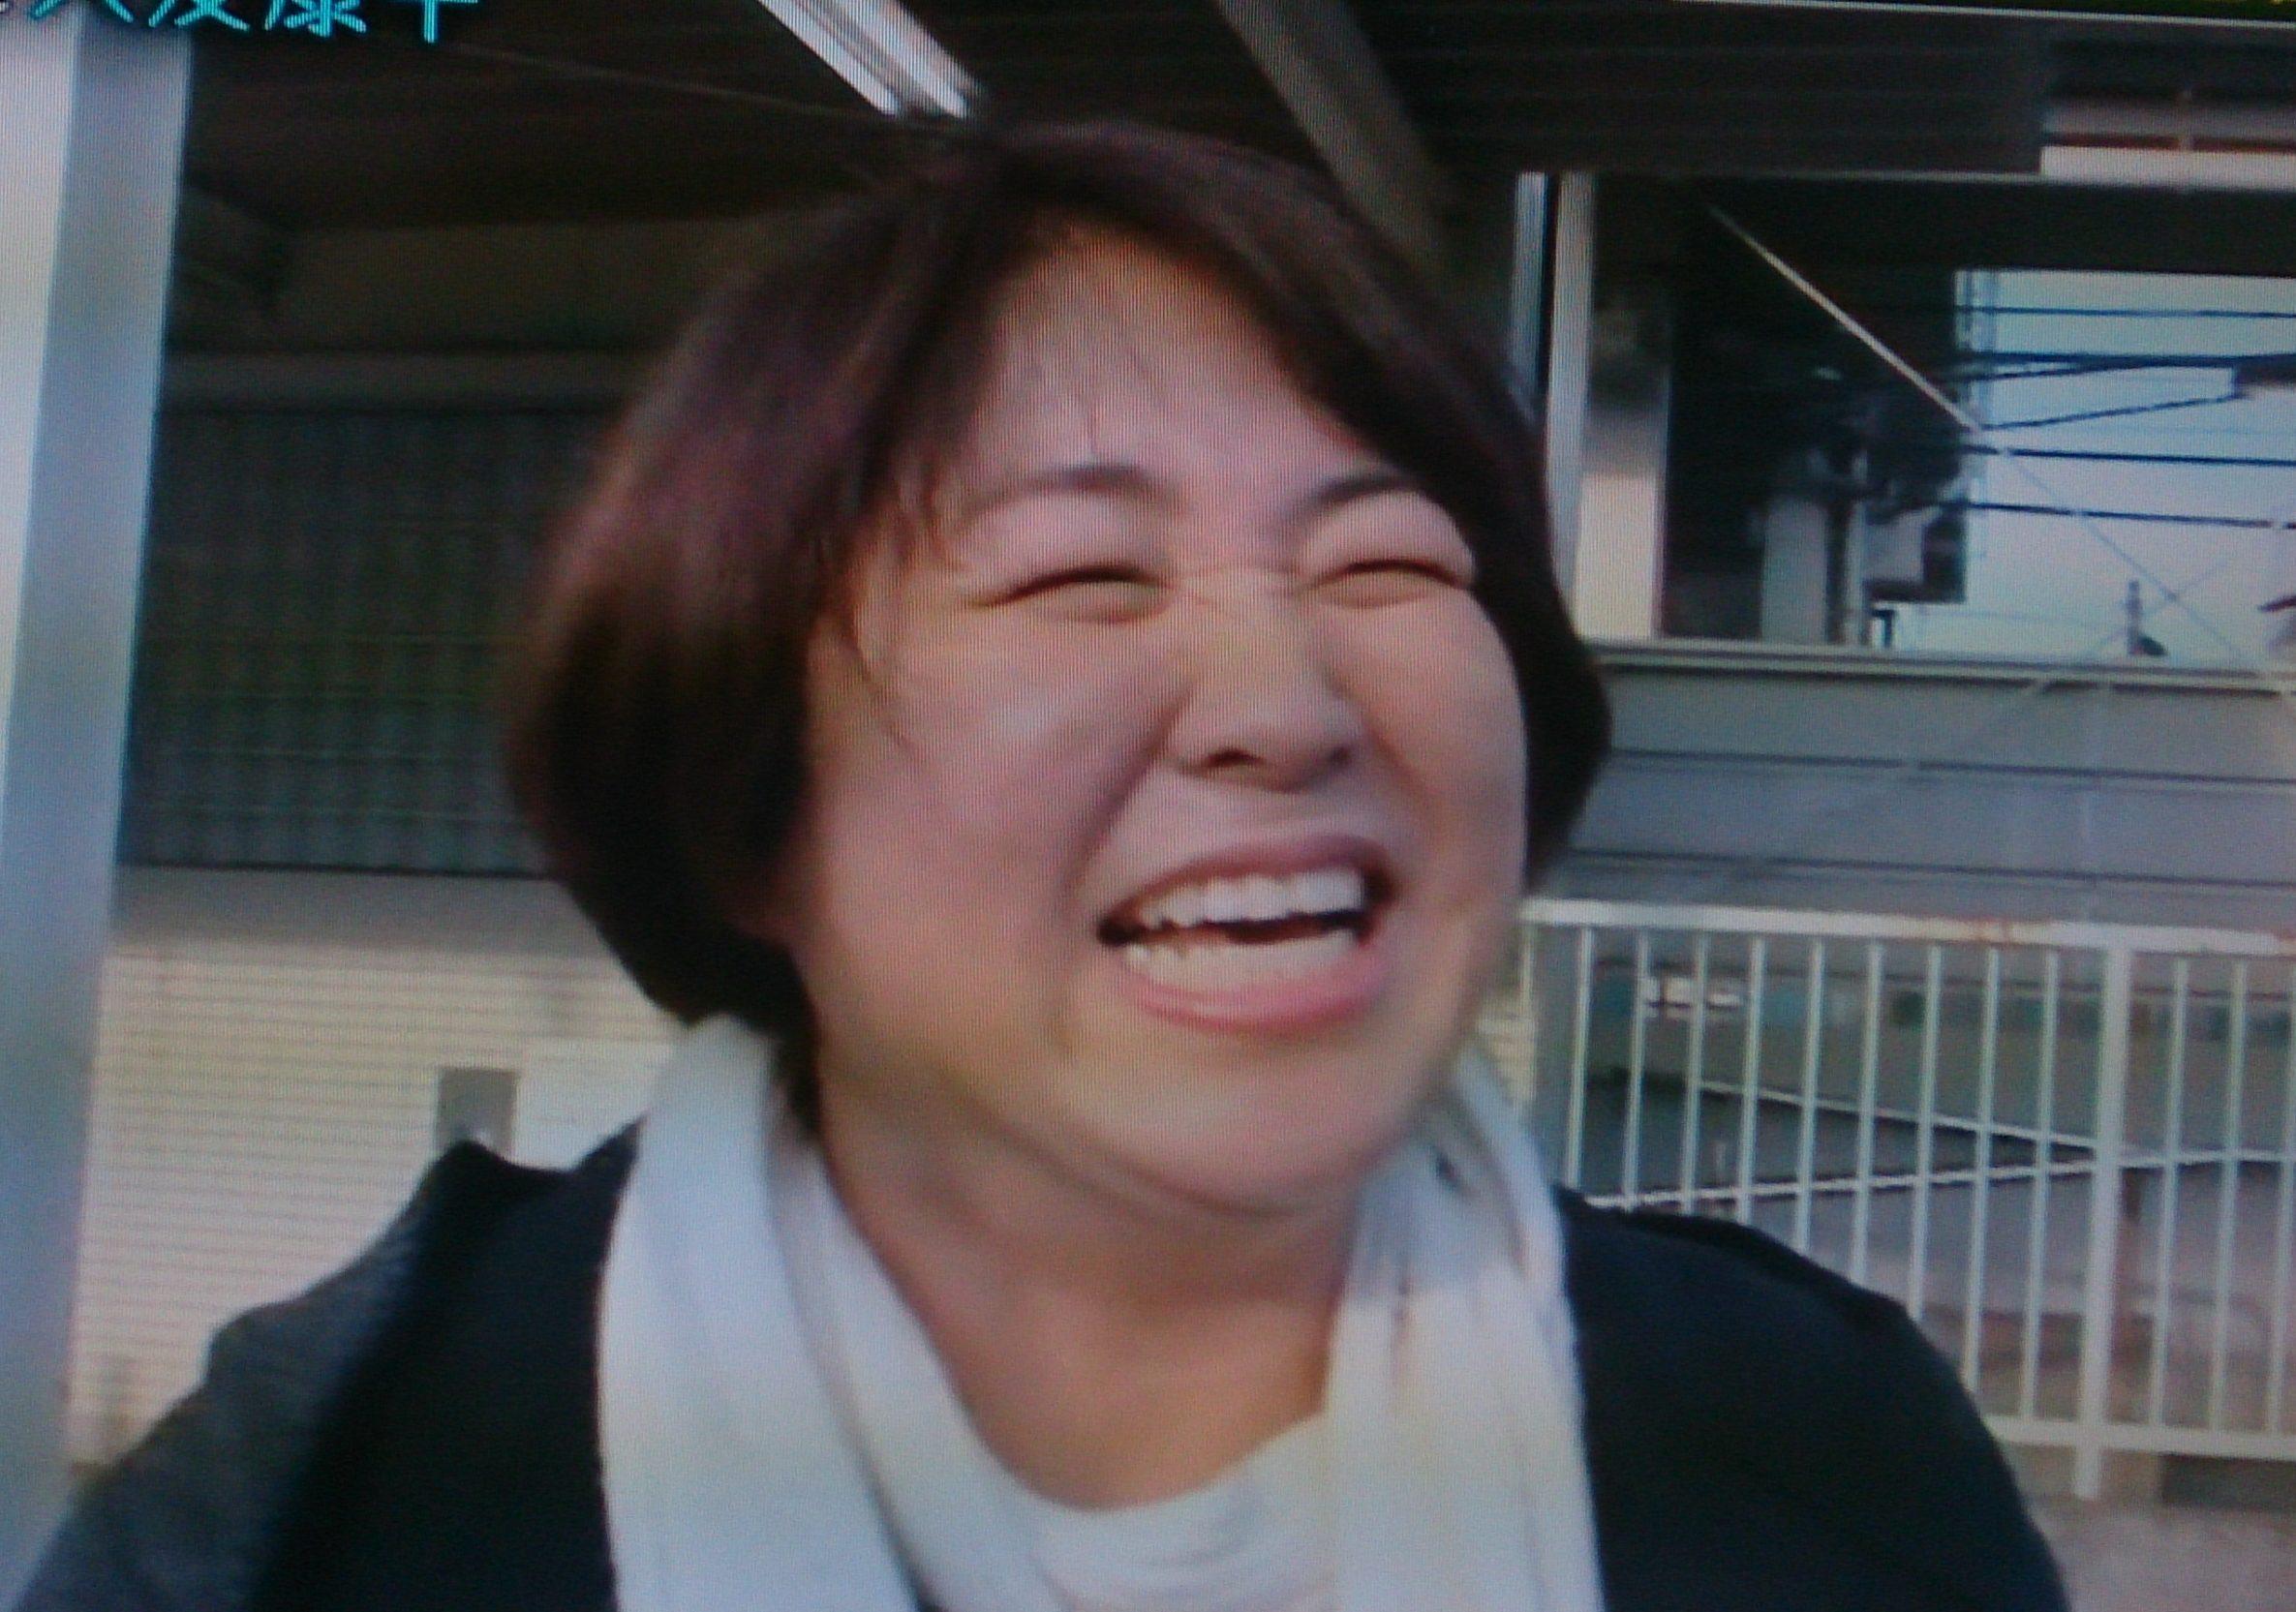 小池茶子(田中律子の親友同級生)とは?高3で知った真実や借金,両親との死因は?【あいつ今何してる?】